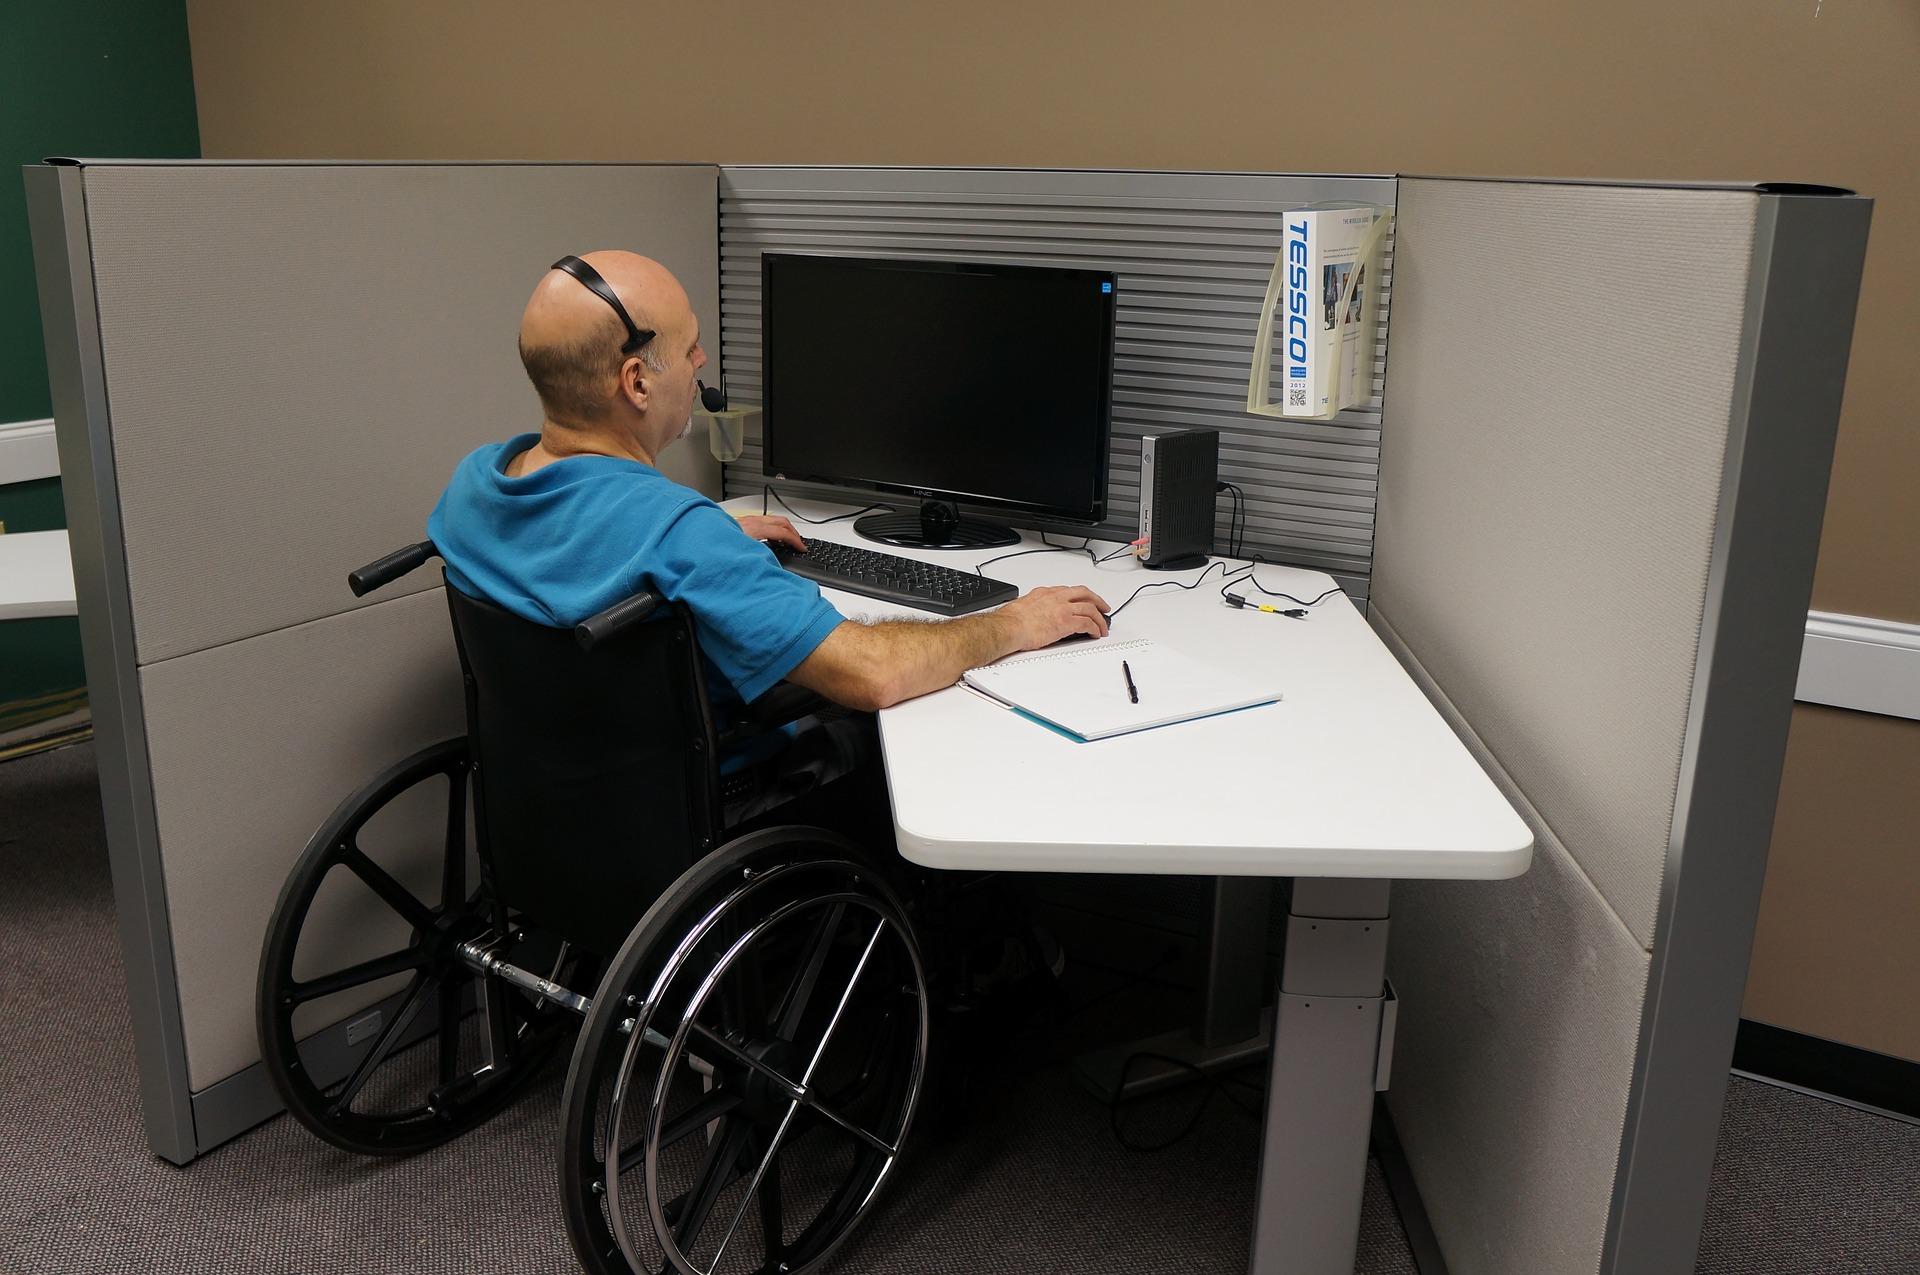 niepełnosprawny przy komputerze